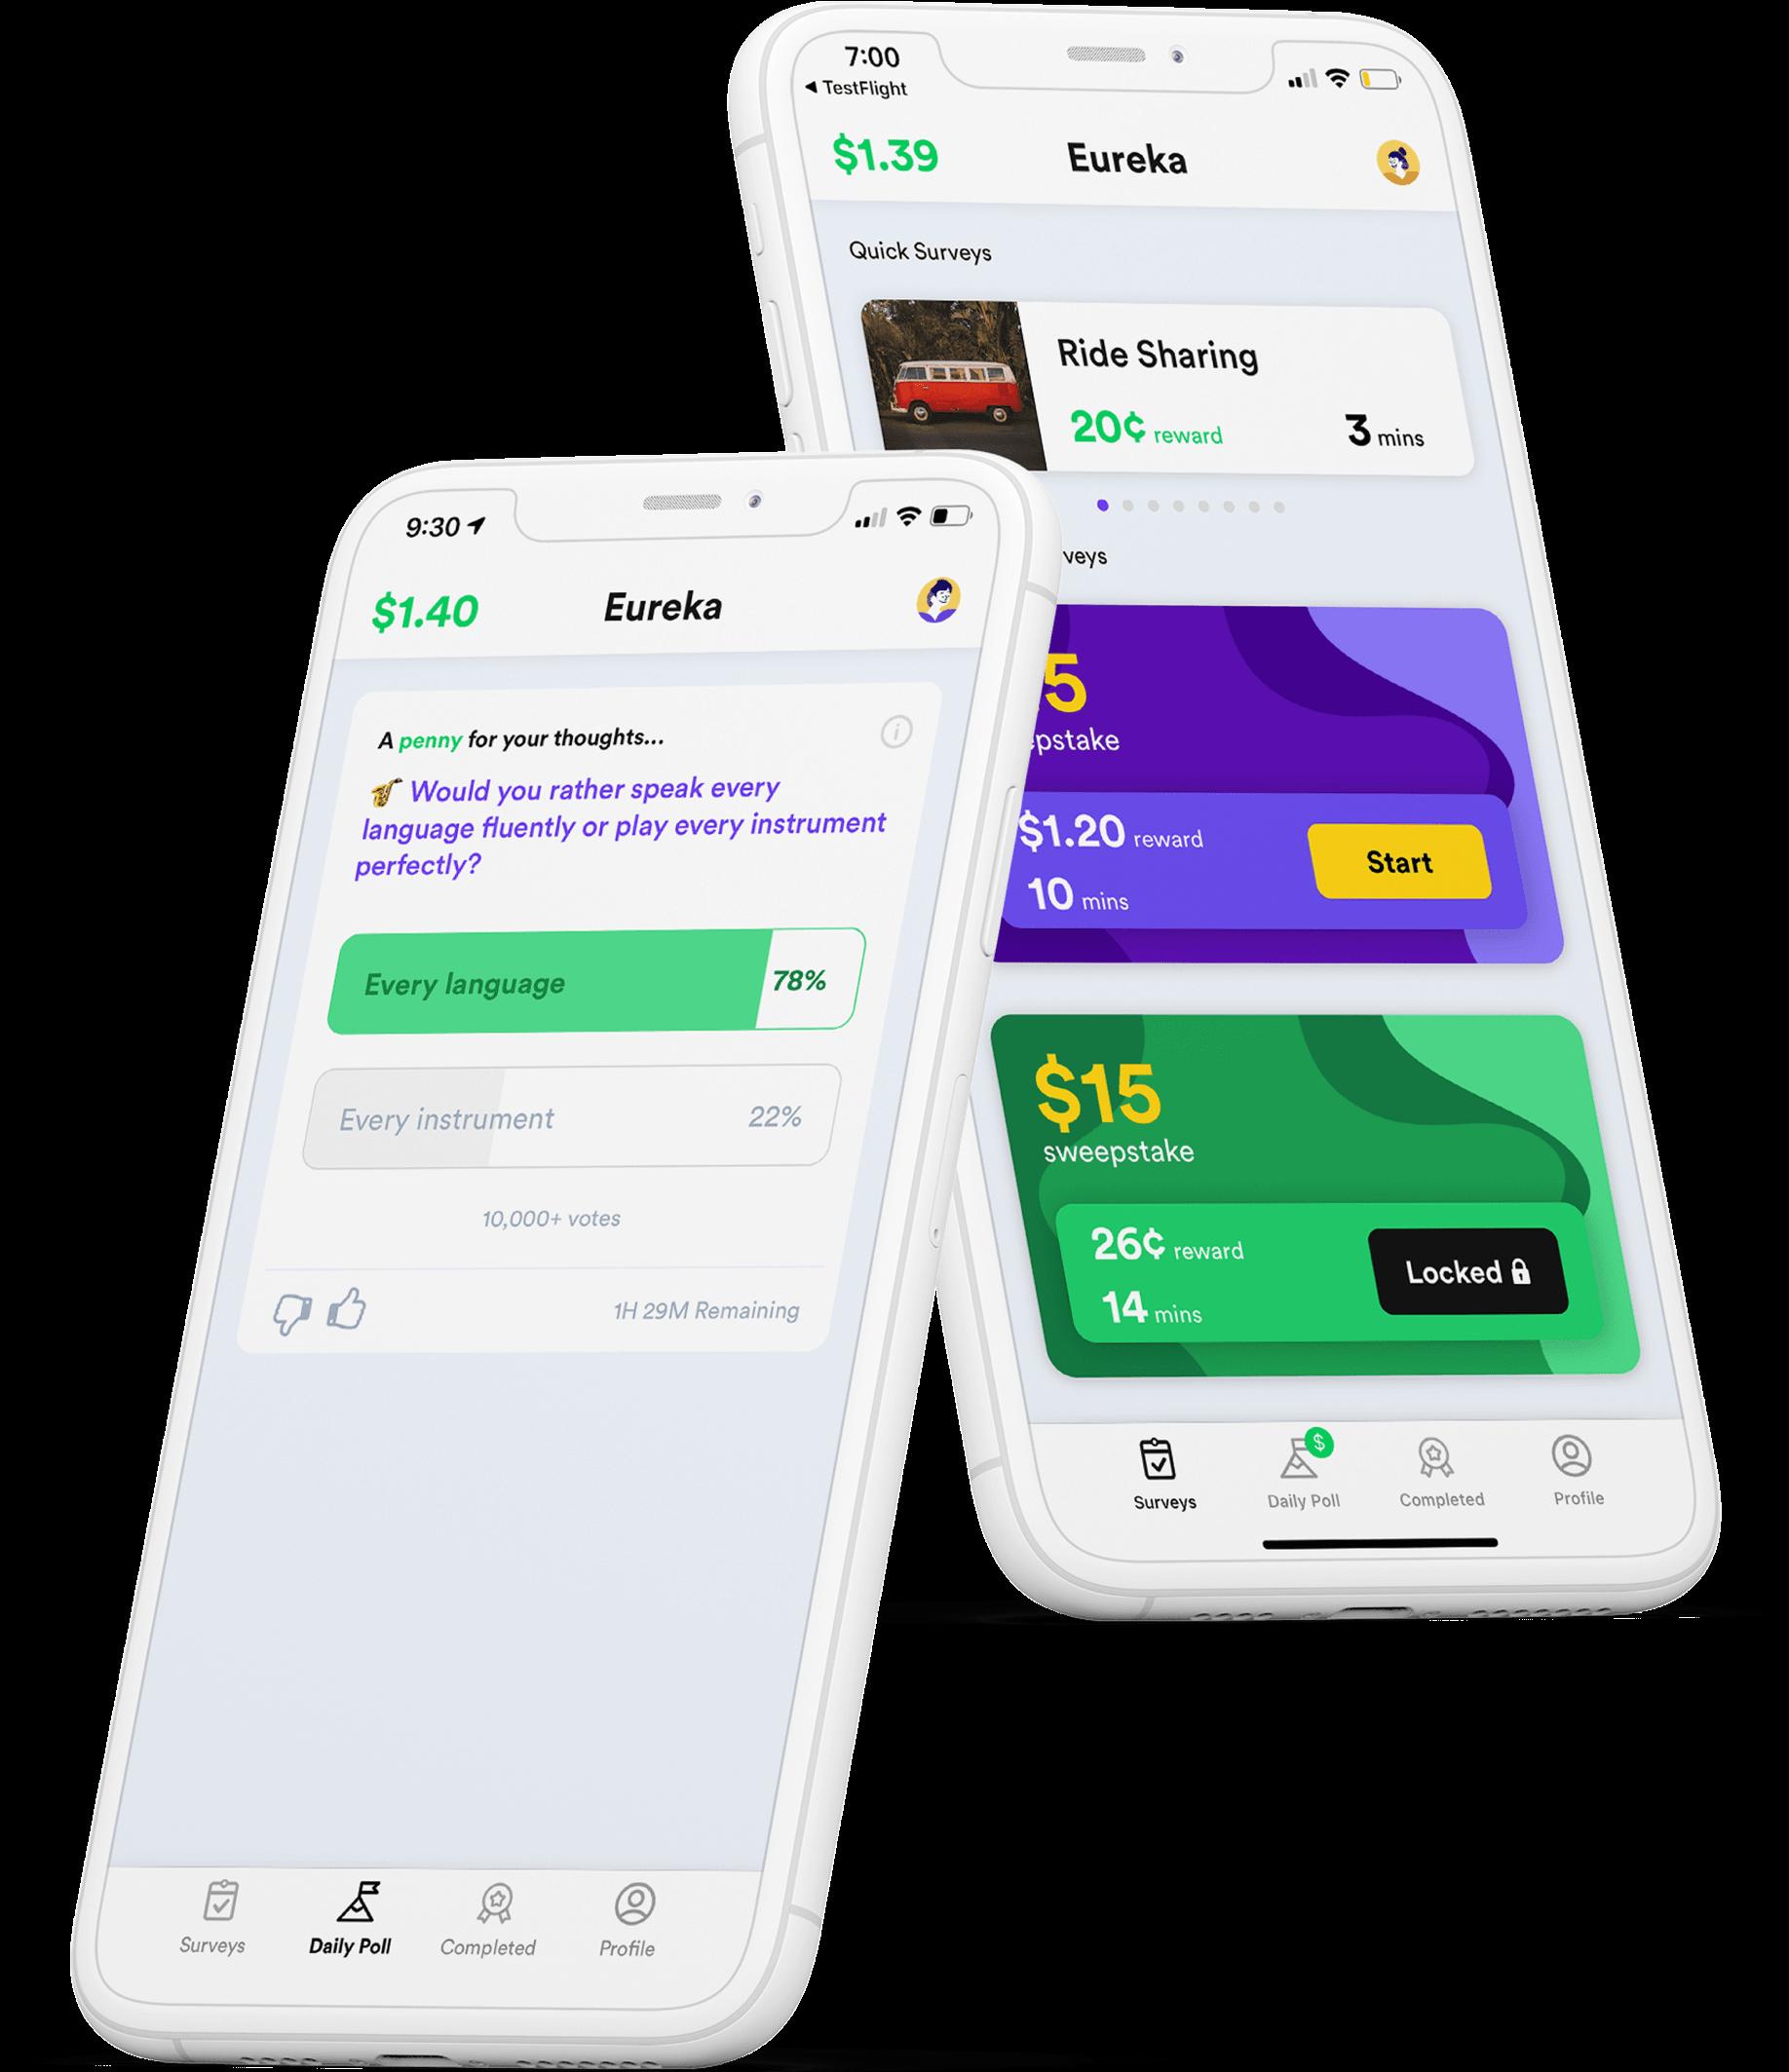 Eureka App